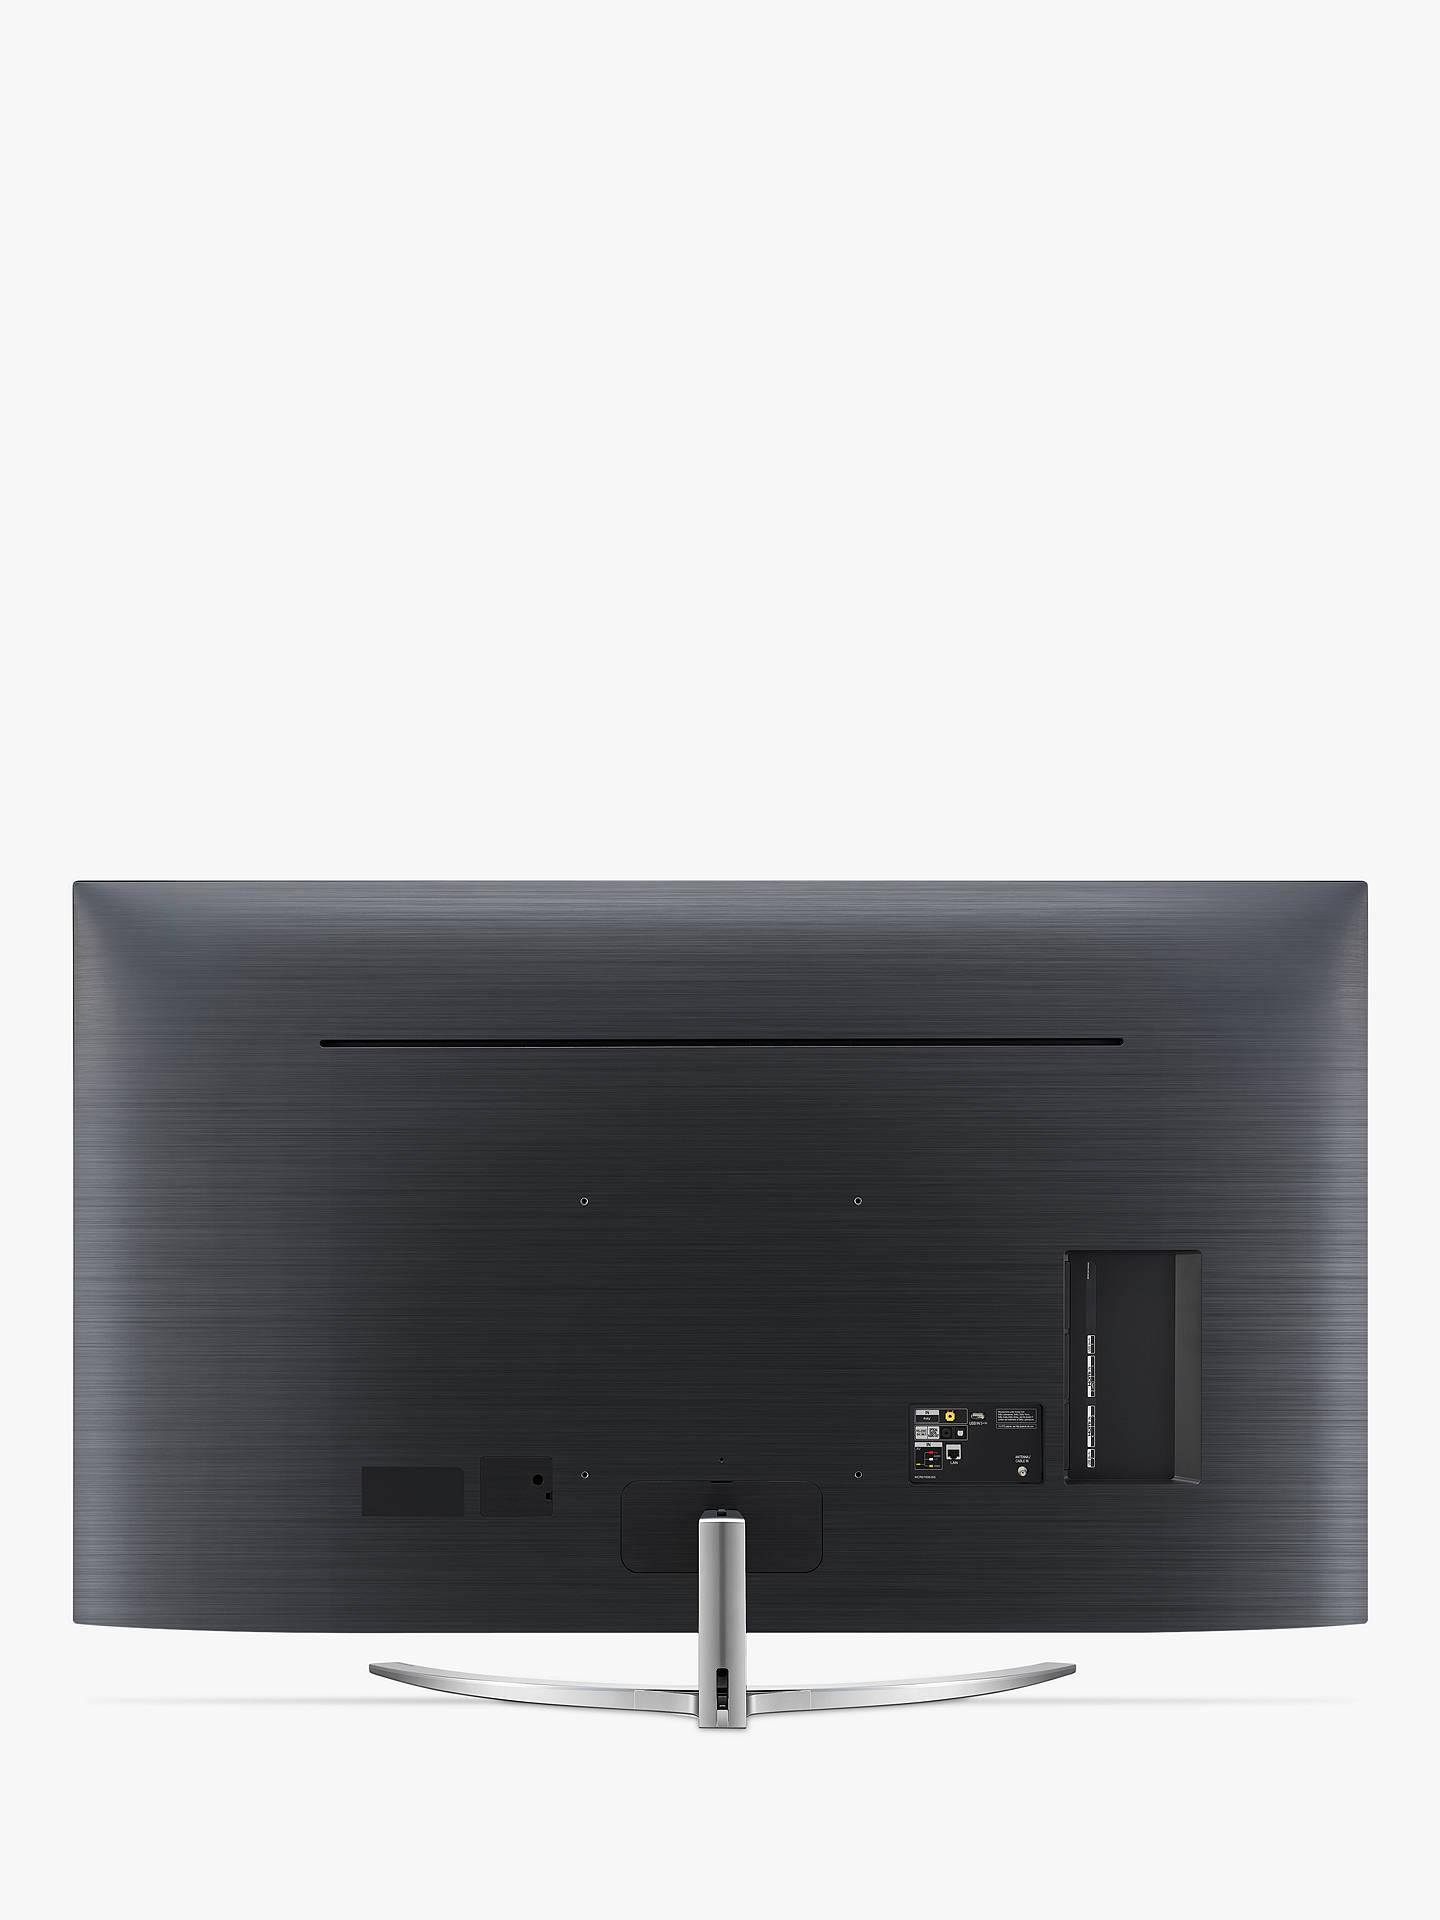 LG 55SM9800PLA (2019) LED HDR NanoCell 4K Ultra HD Smart TV, 55